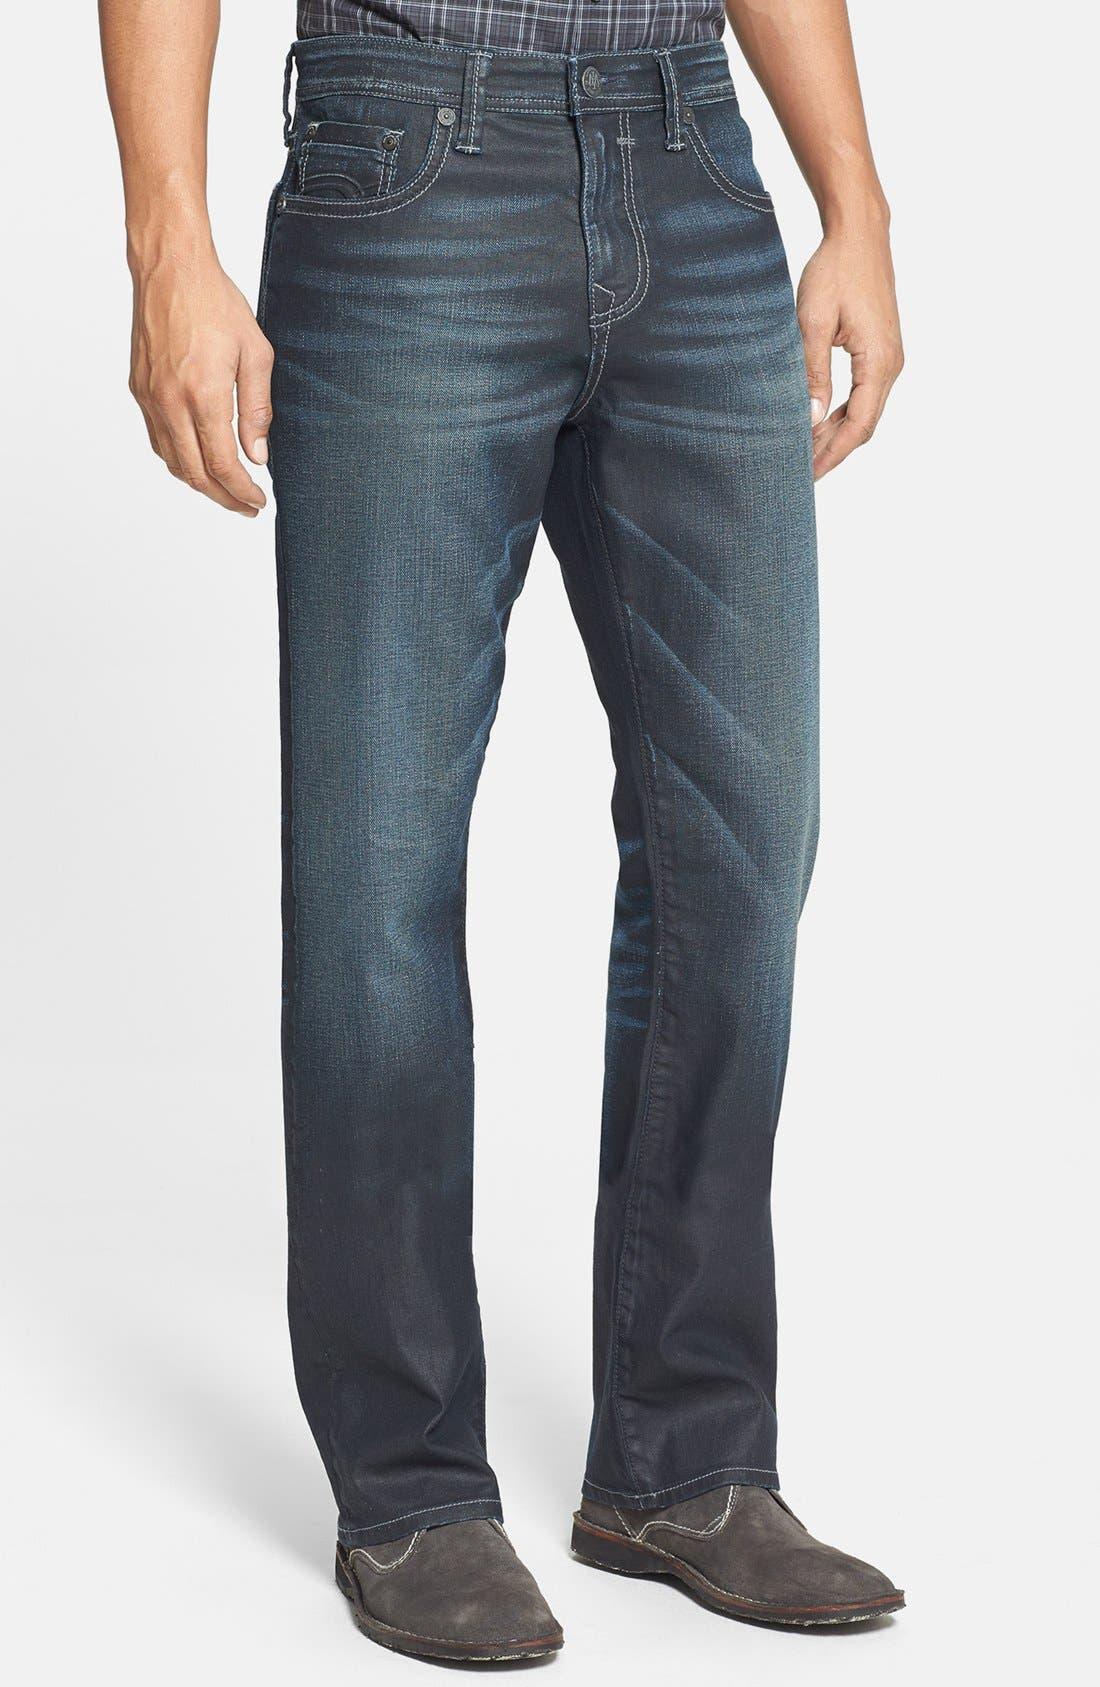 Alternate Image 1 Selected - Mavi Jeans 'Matt' Relaxed Straight Leg Jeans (Coated Utah)